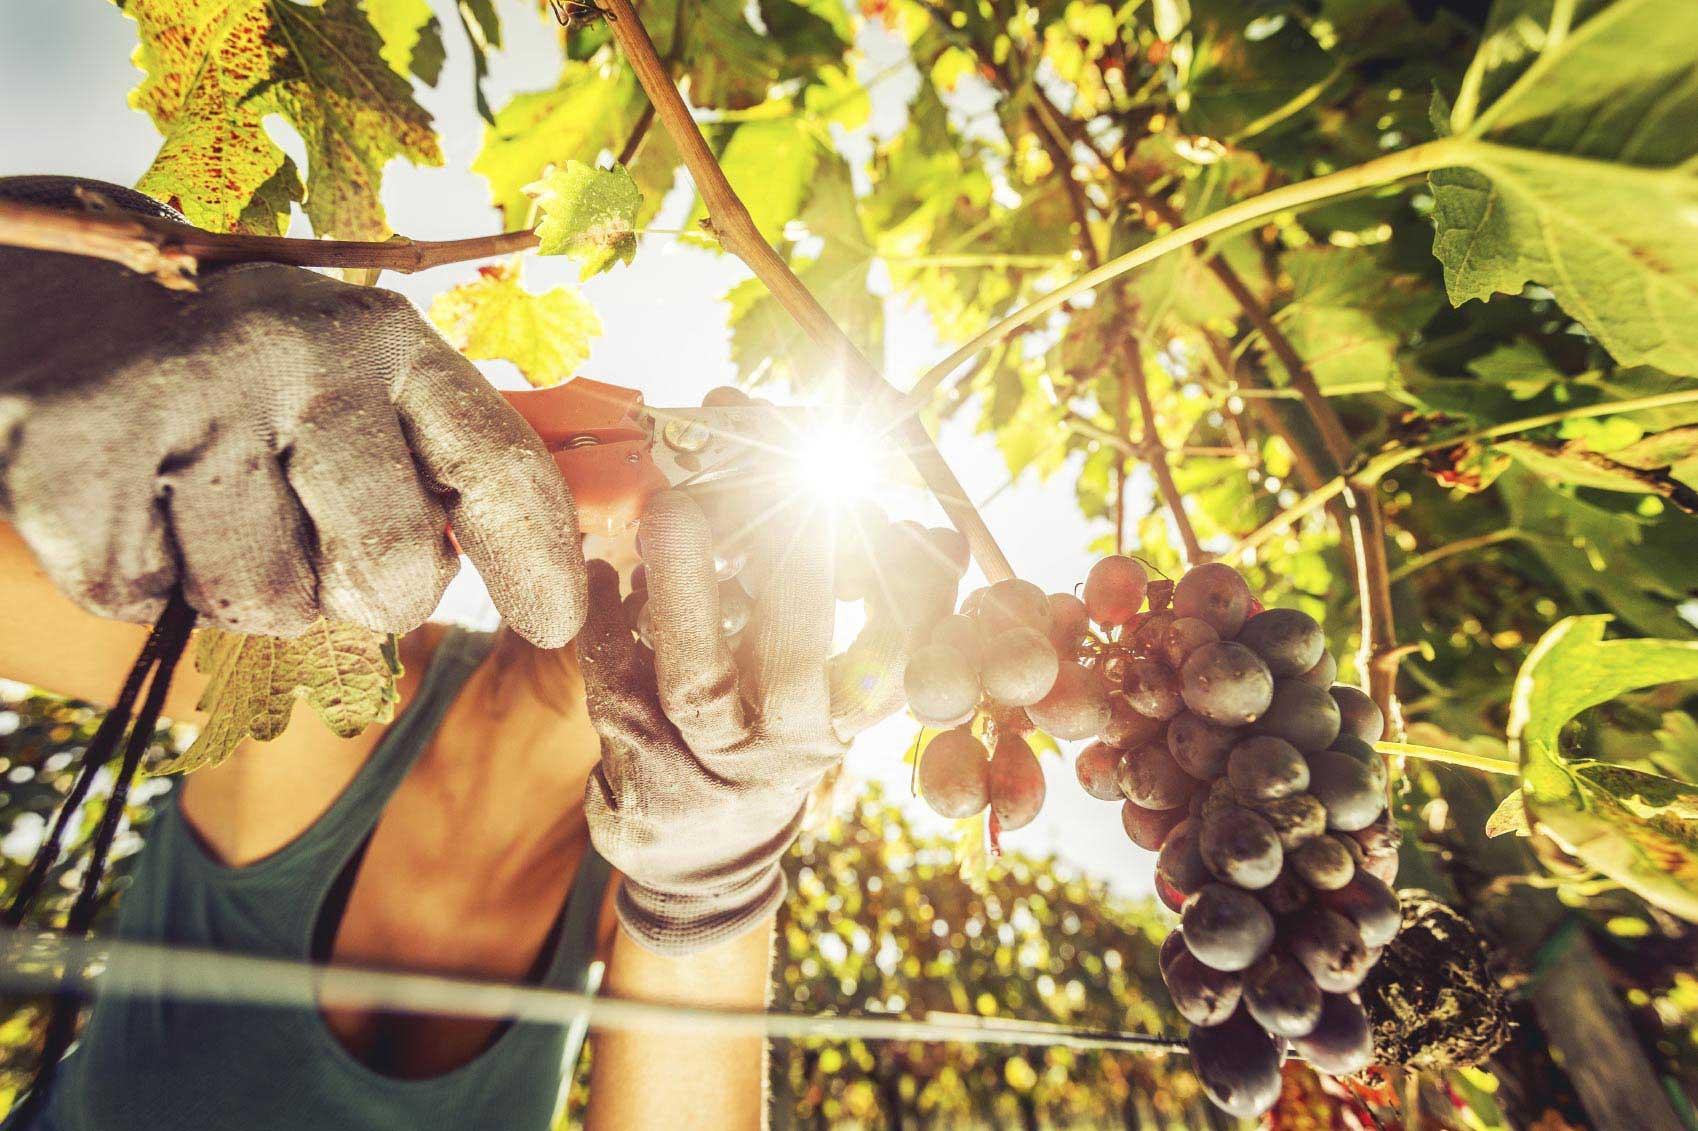 An der Weinlese teilnehmen